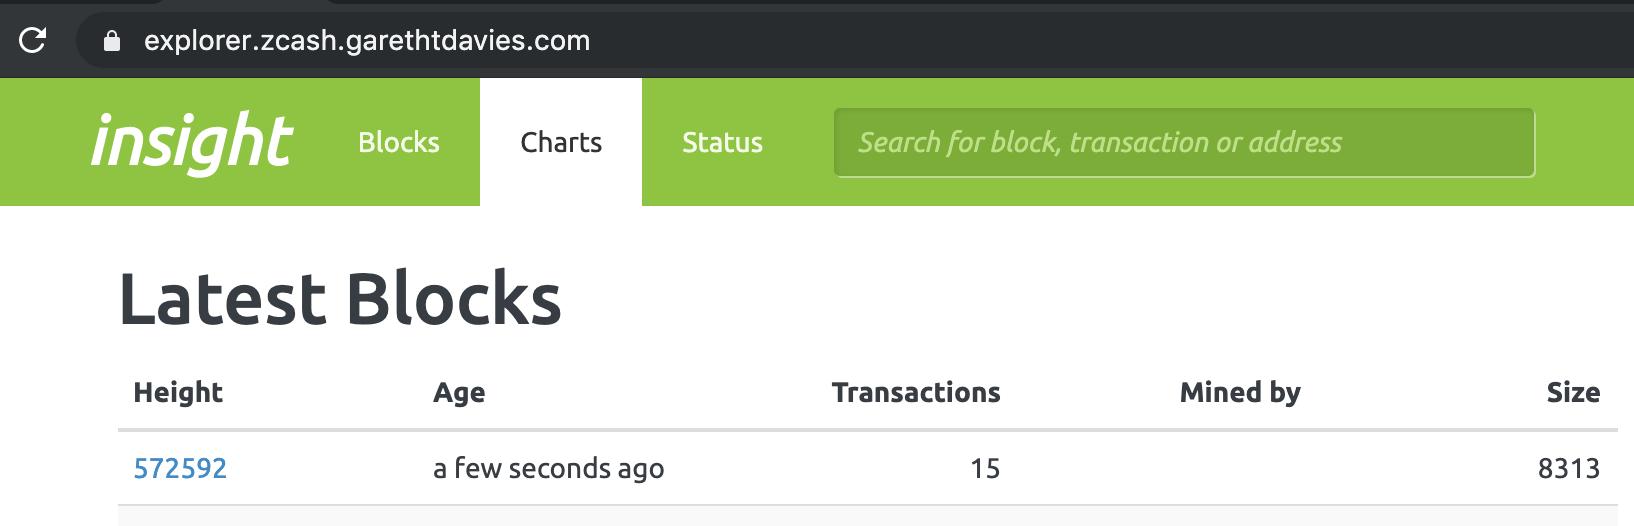 Insight explorer running on custom domain with Let's Encrypt cert